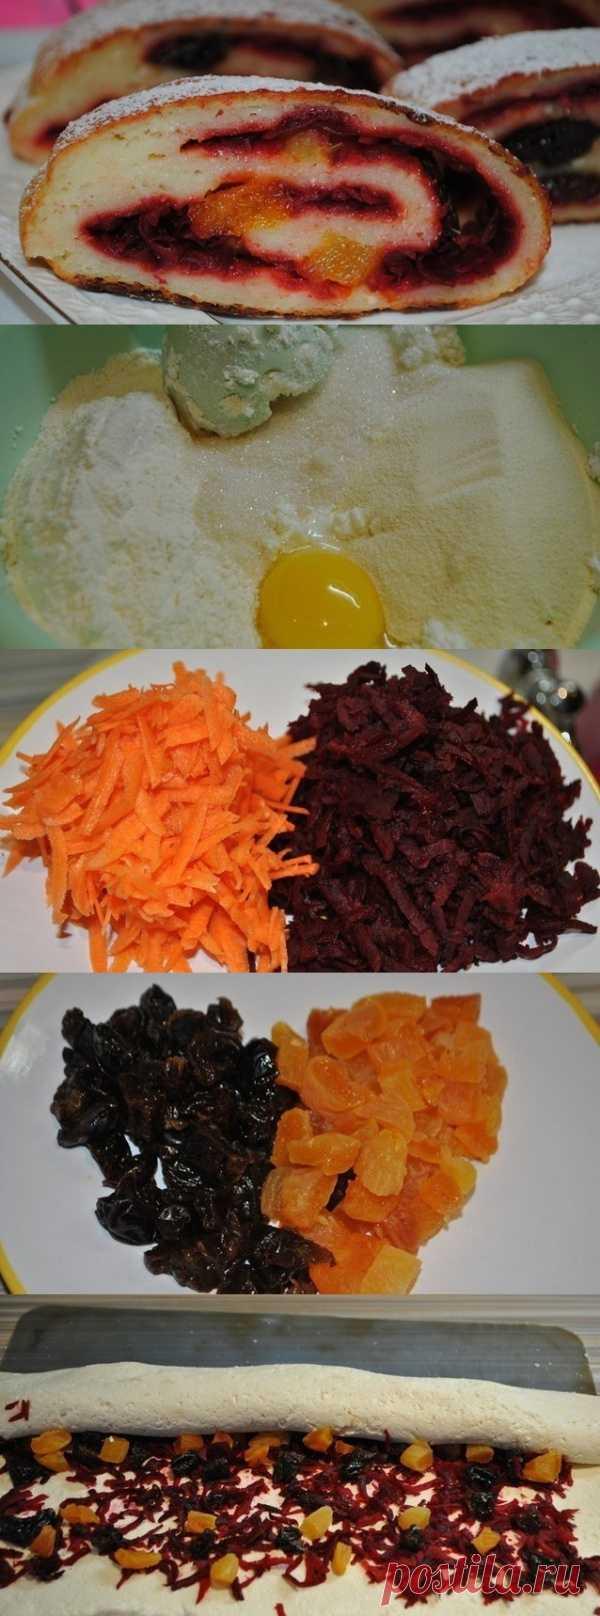 El panecillo dulce caseoso con hortalizas. (La receta por la camarilla a la estampa).